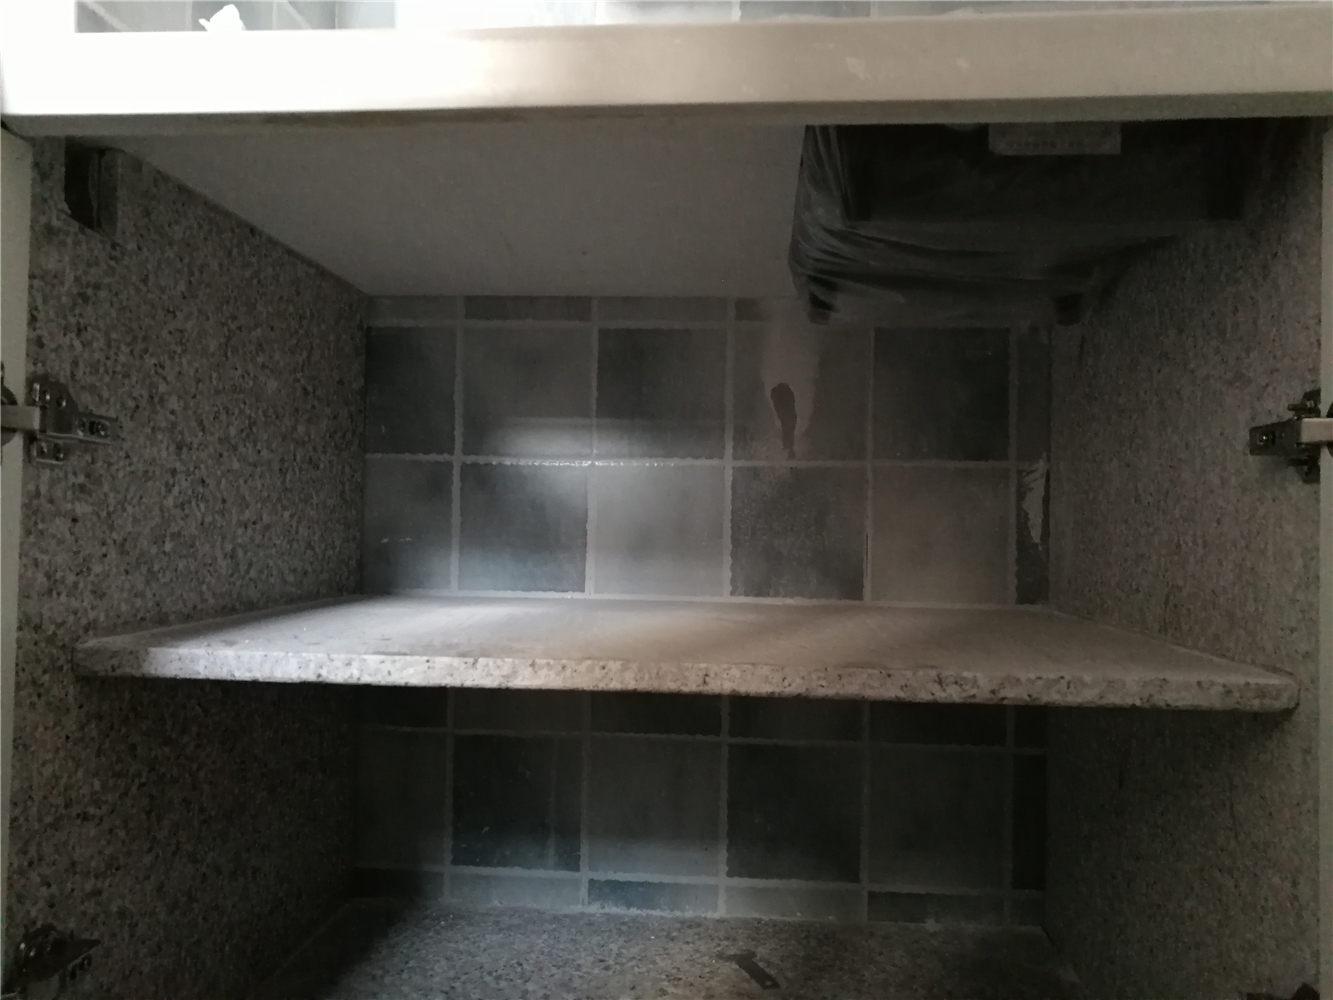 评测-大理石橱柜好吗,石英石台面是不是都一样呢,消费者要如何选择